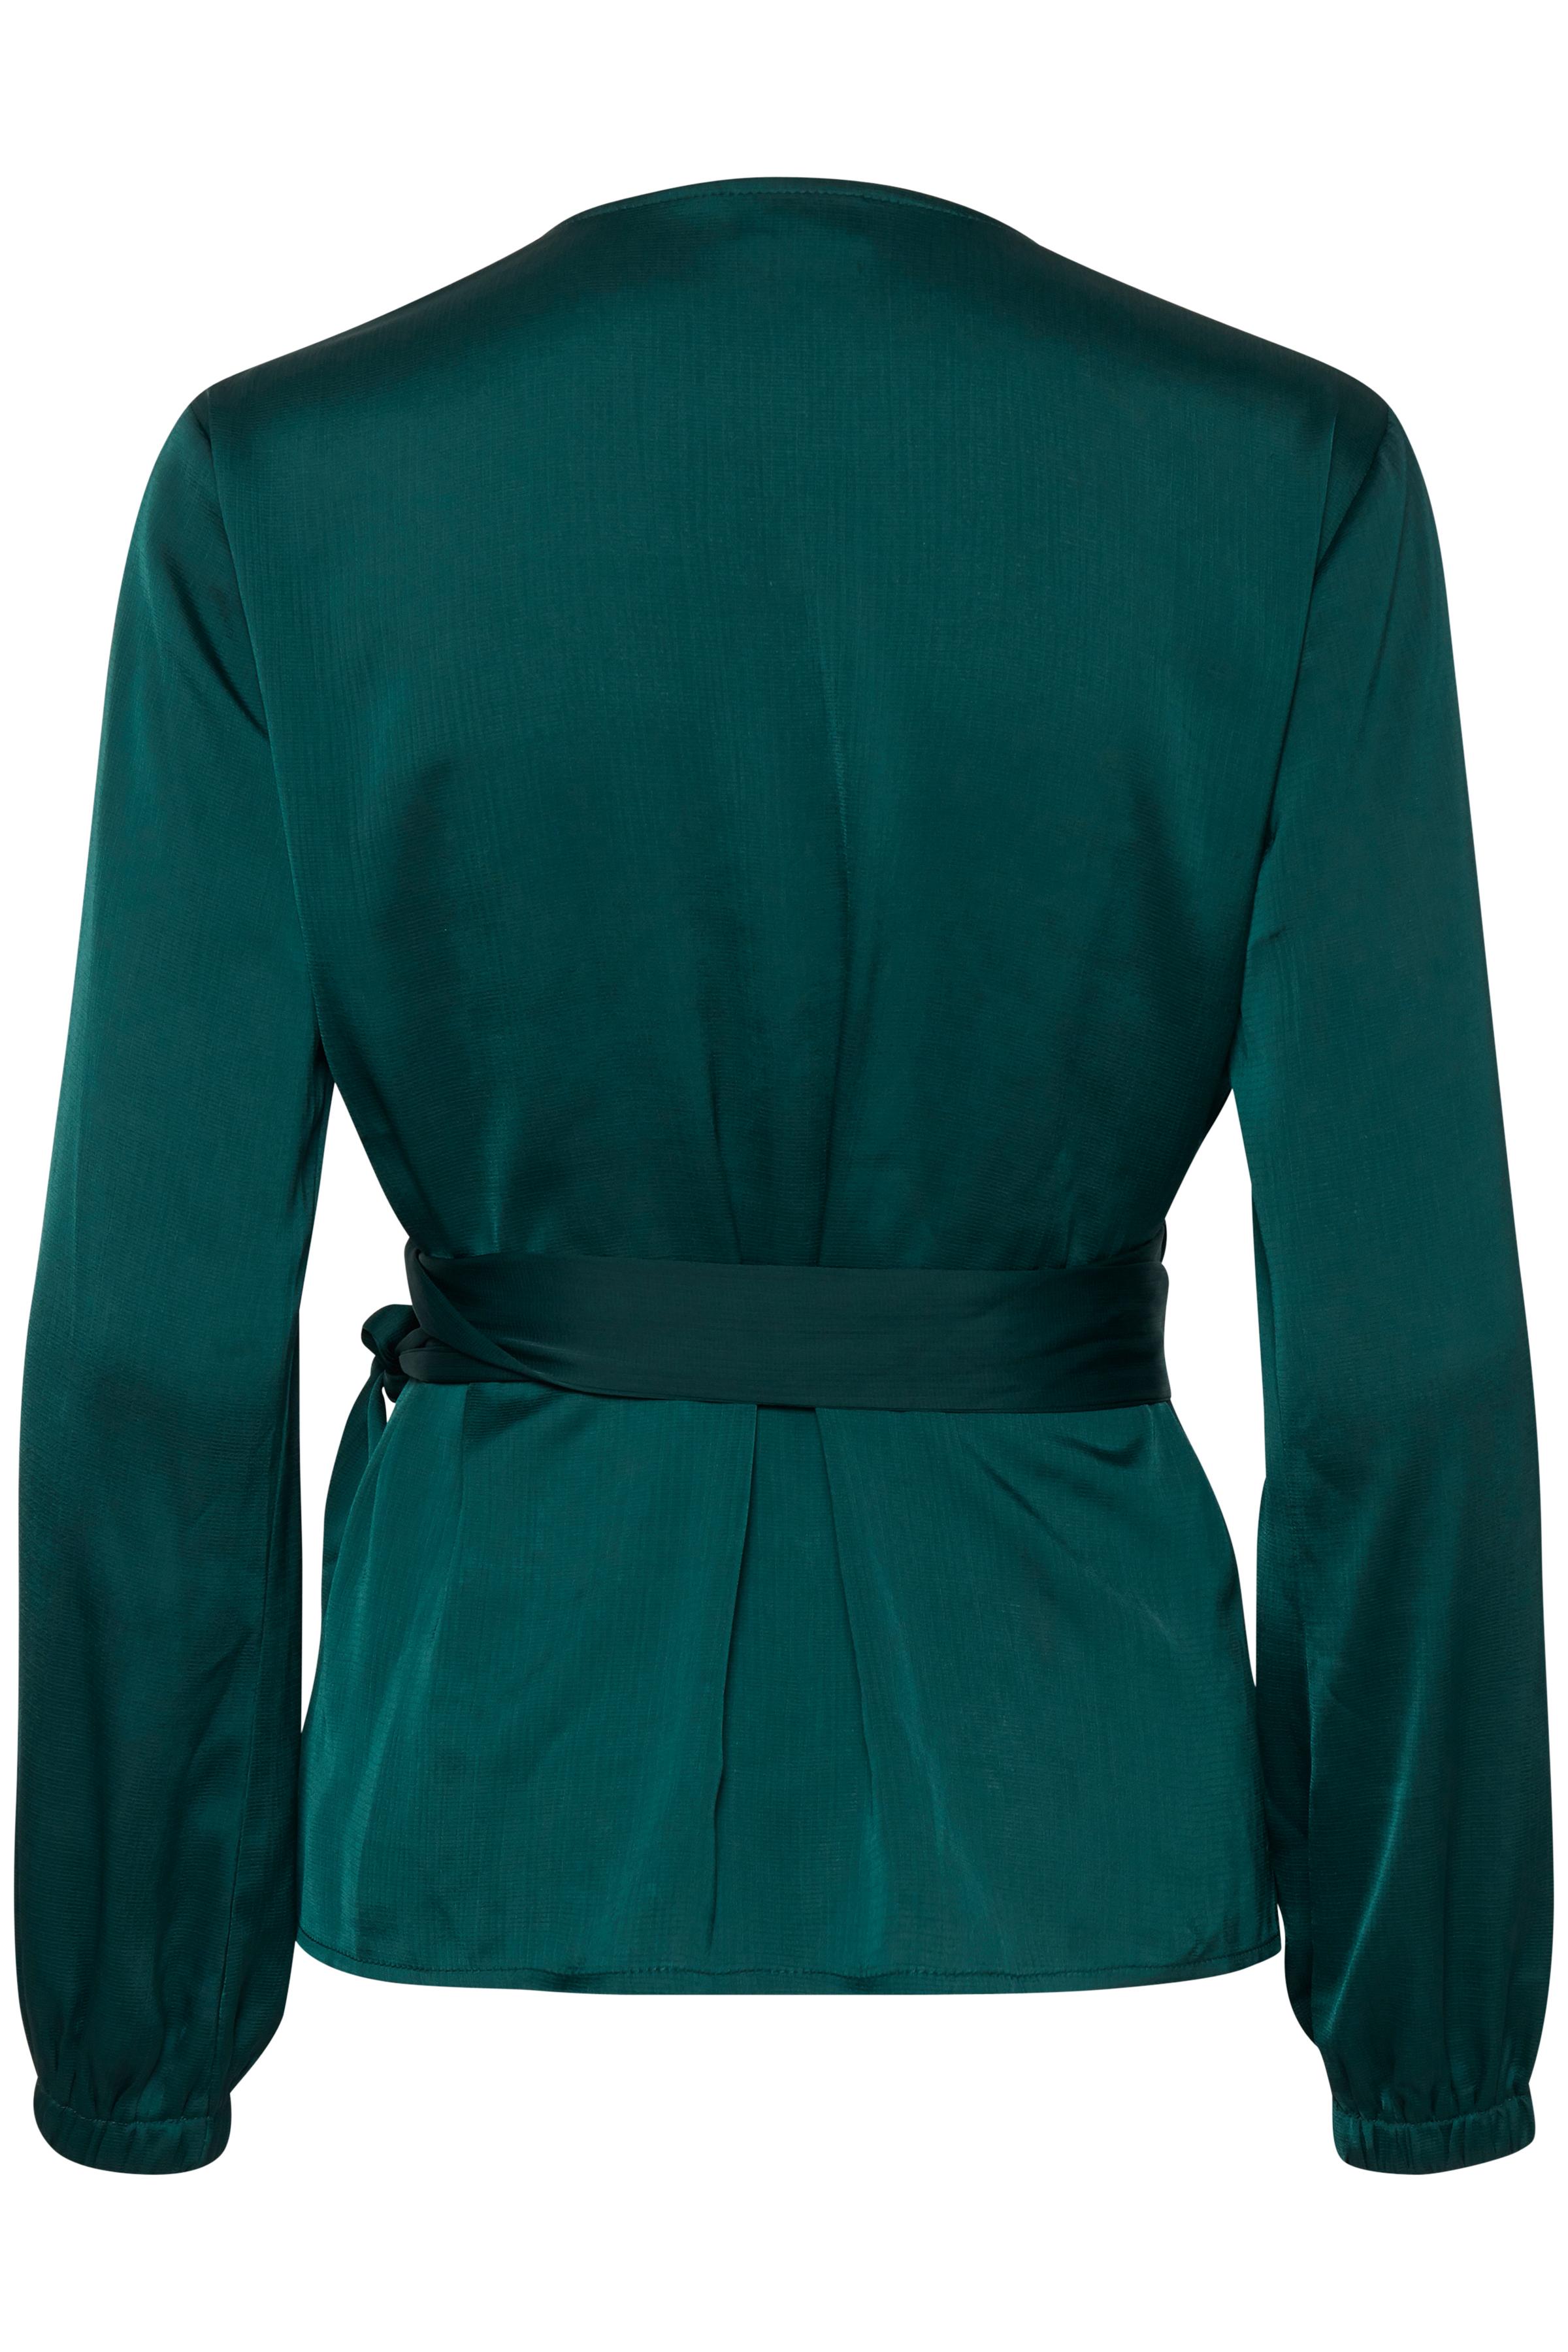 Majestic Green Langærmet bluse fra b.young – Køb Majestic Green Langærmet bluse fra str. 34-42 her